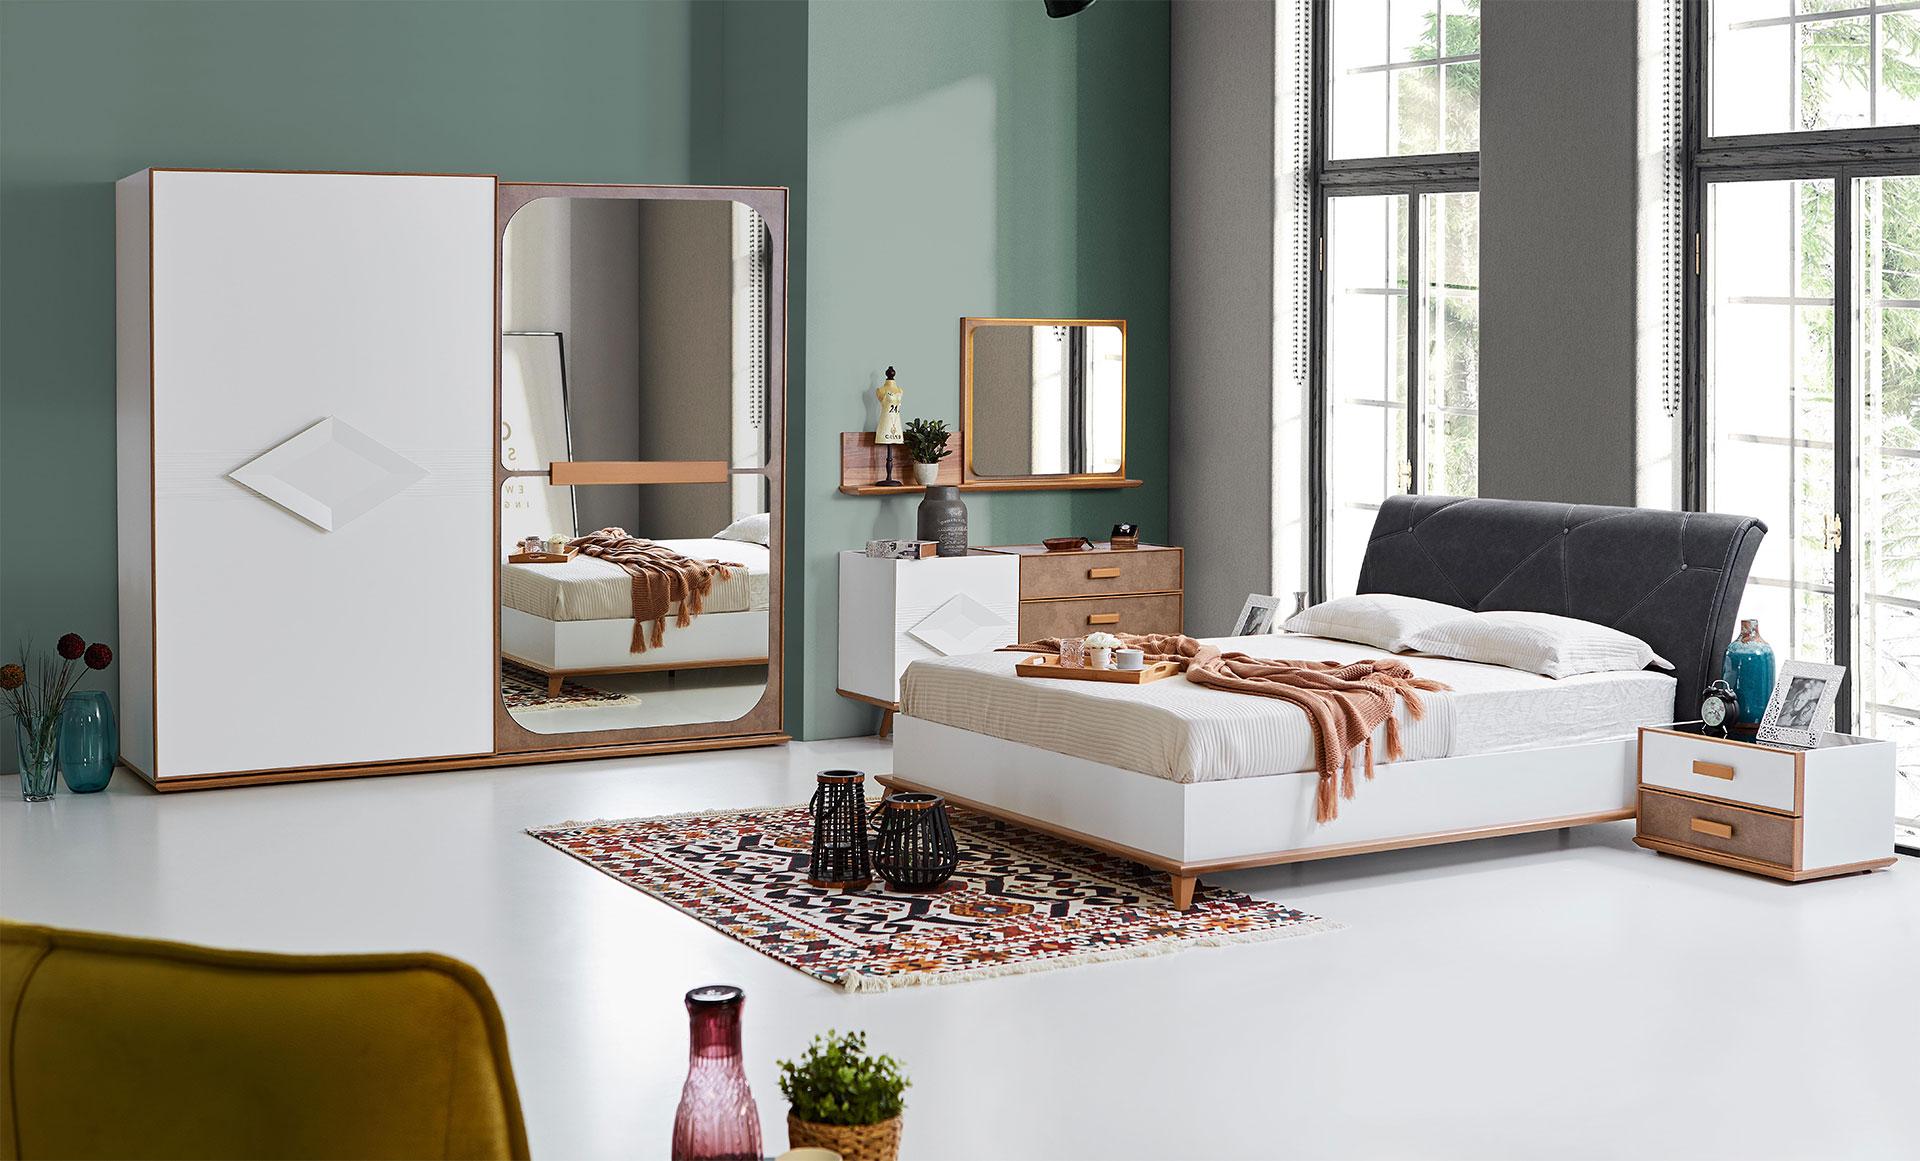 Aura yatak odas tak m hevin mobilya for Mobilya caserta